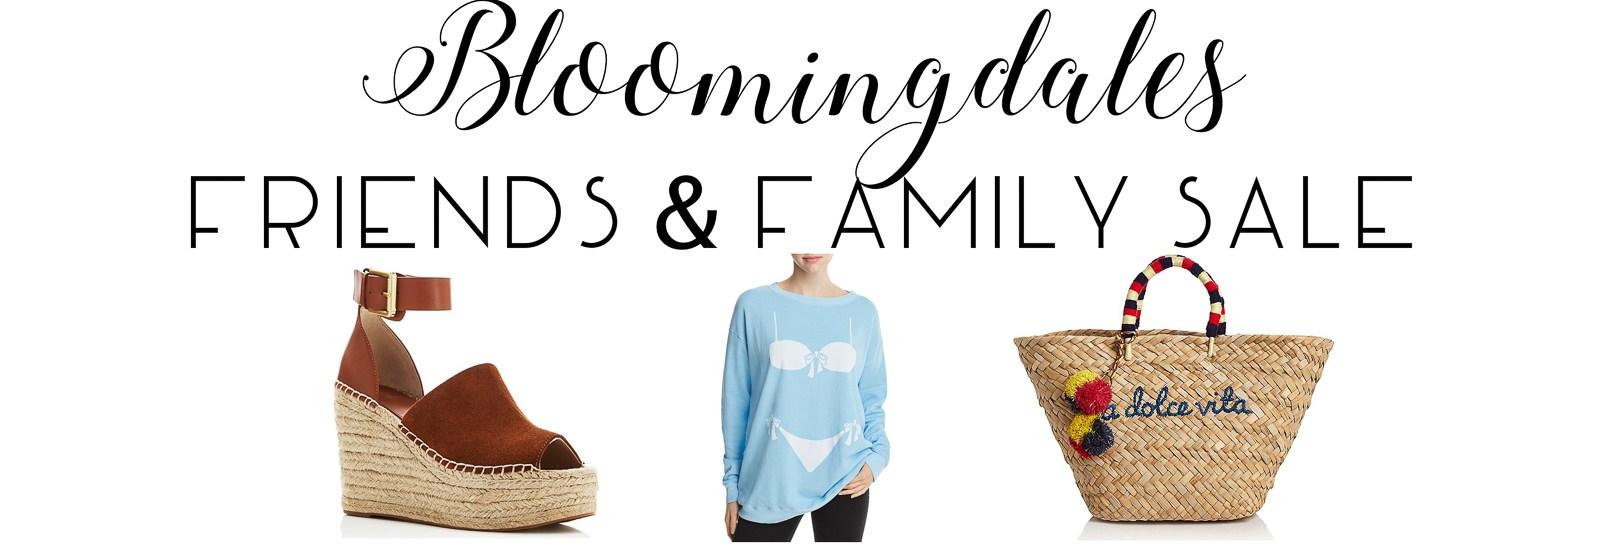 Bloomingdales Friends & Family Sale!